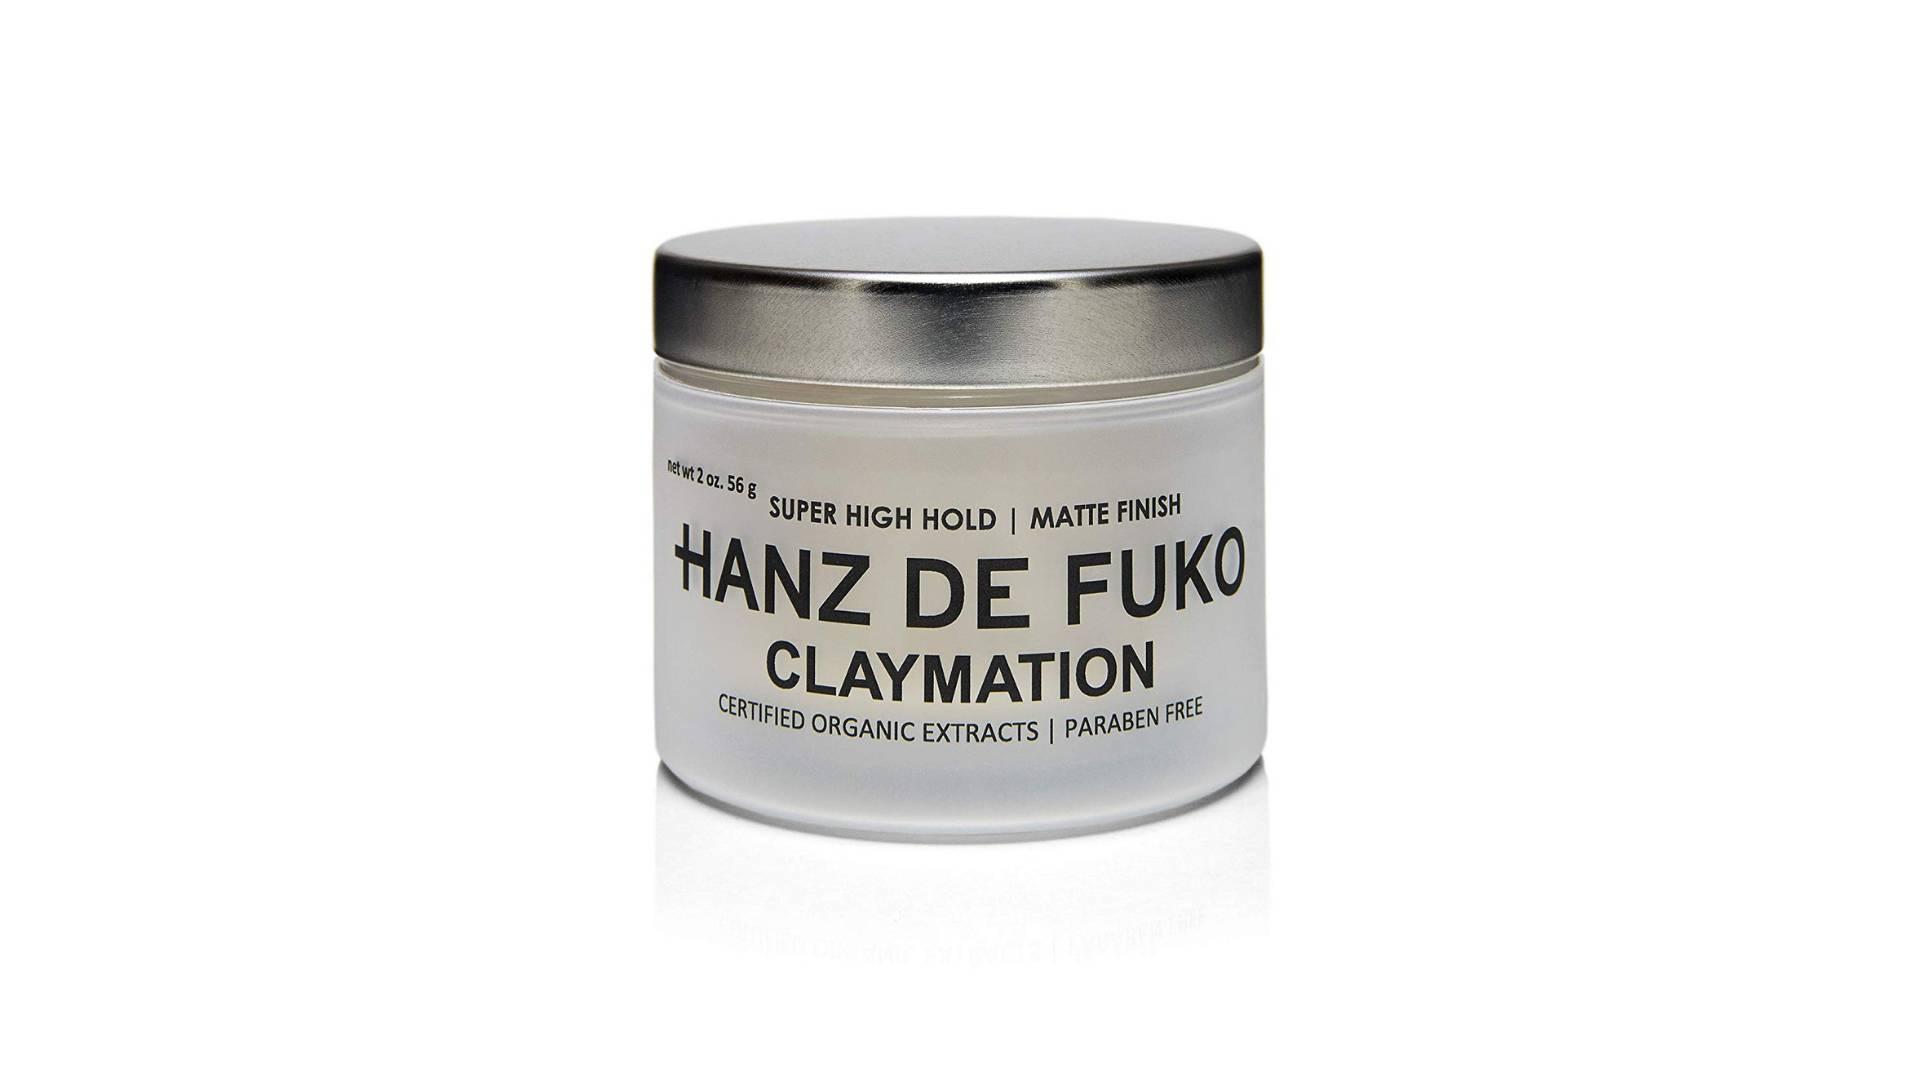 Best Hair Clay For Men - HANZ DE FUKO CLAYMATION